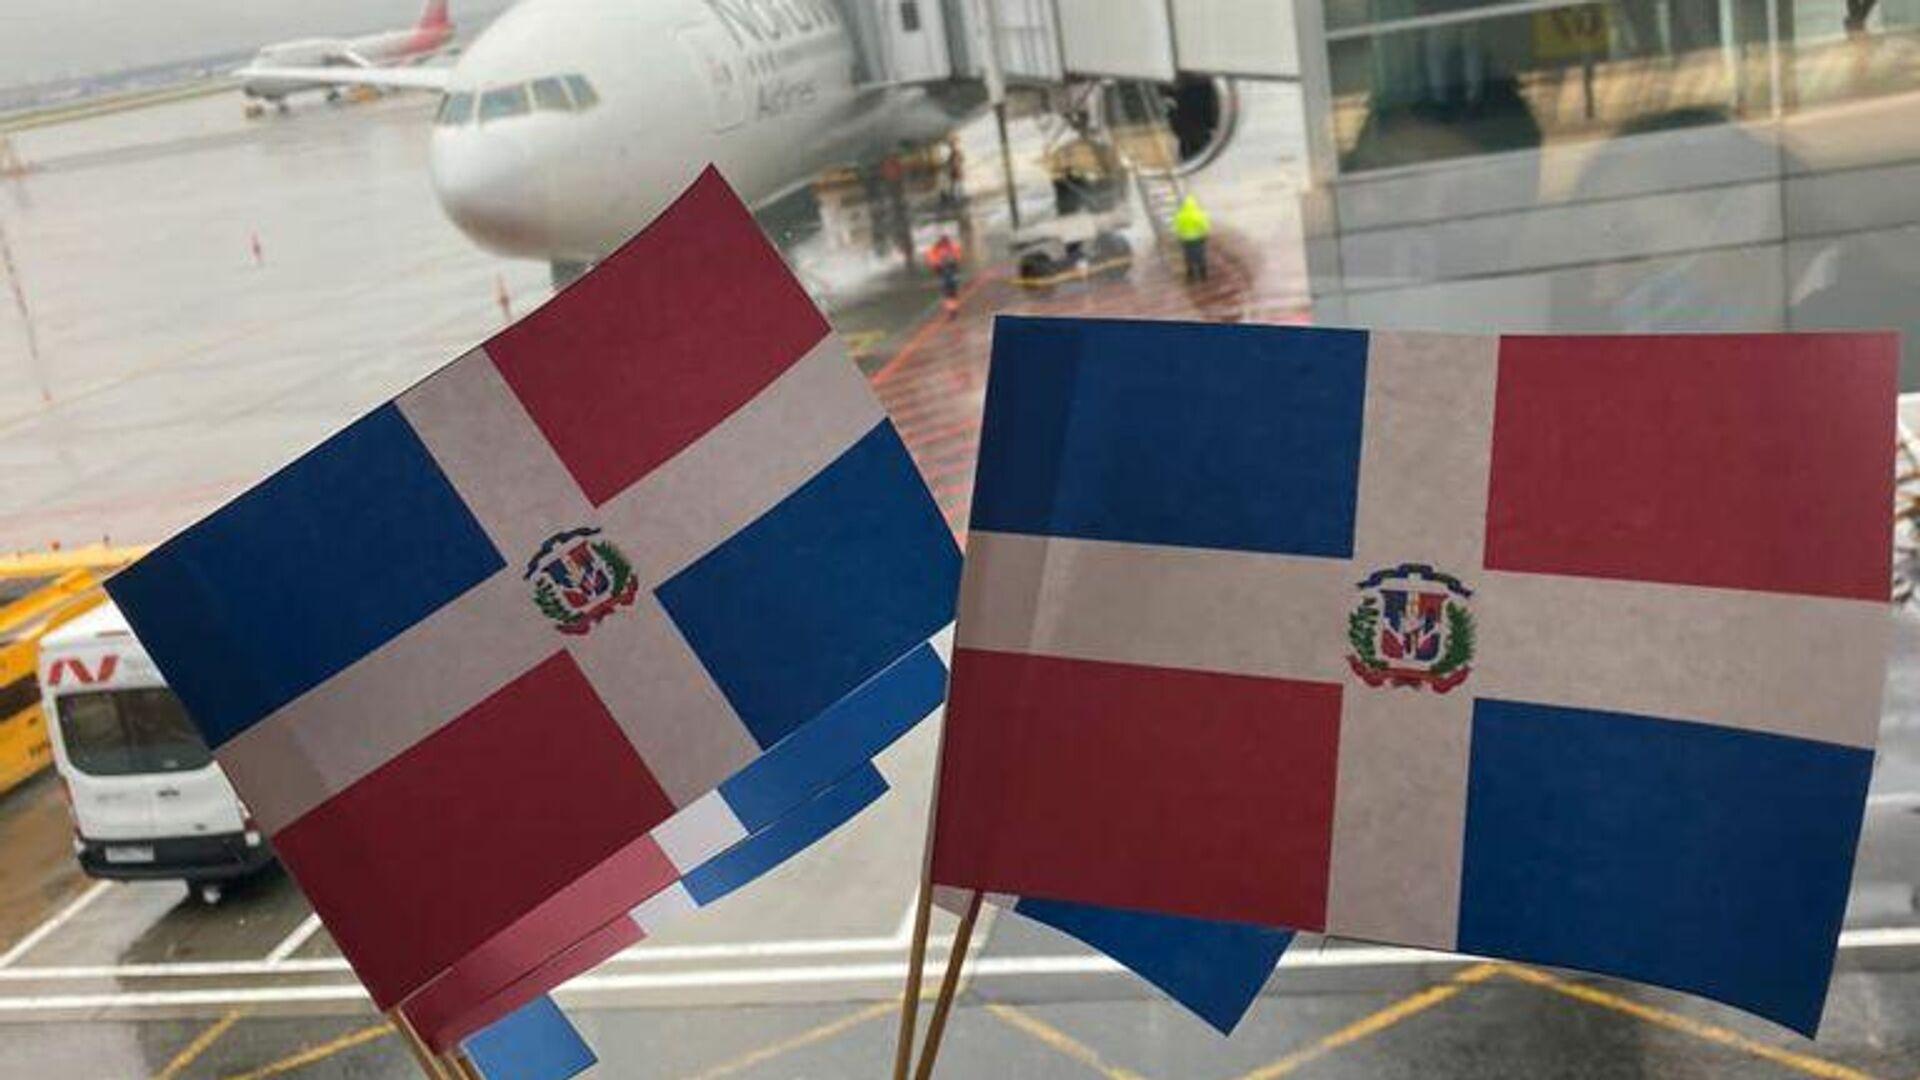 Turistas con banderas de República Dominicana en aeropuerto - Sputnik Mundo, 1920, 09.10.2021